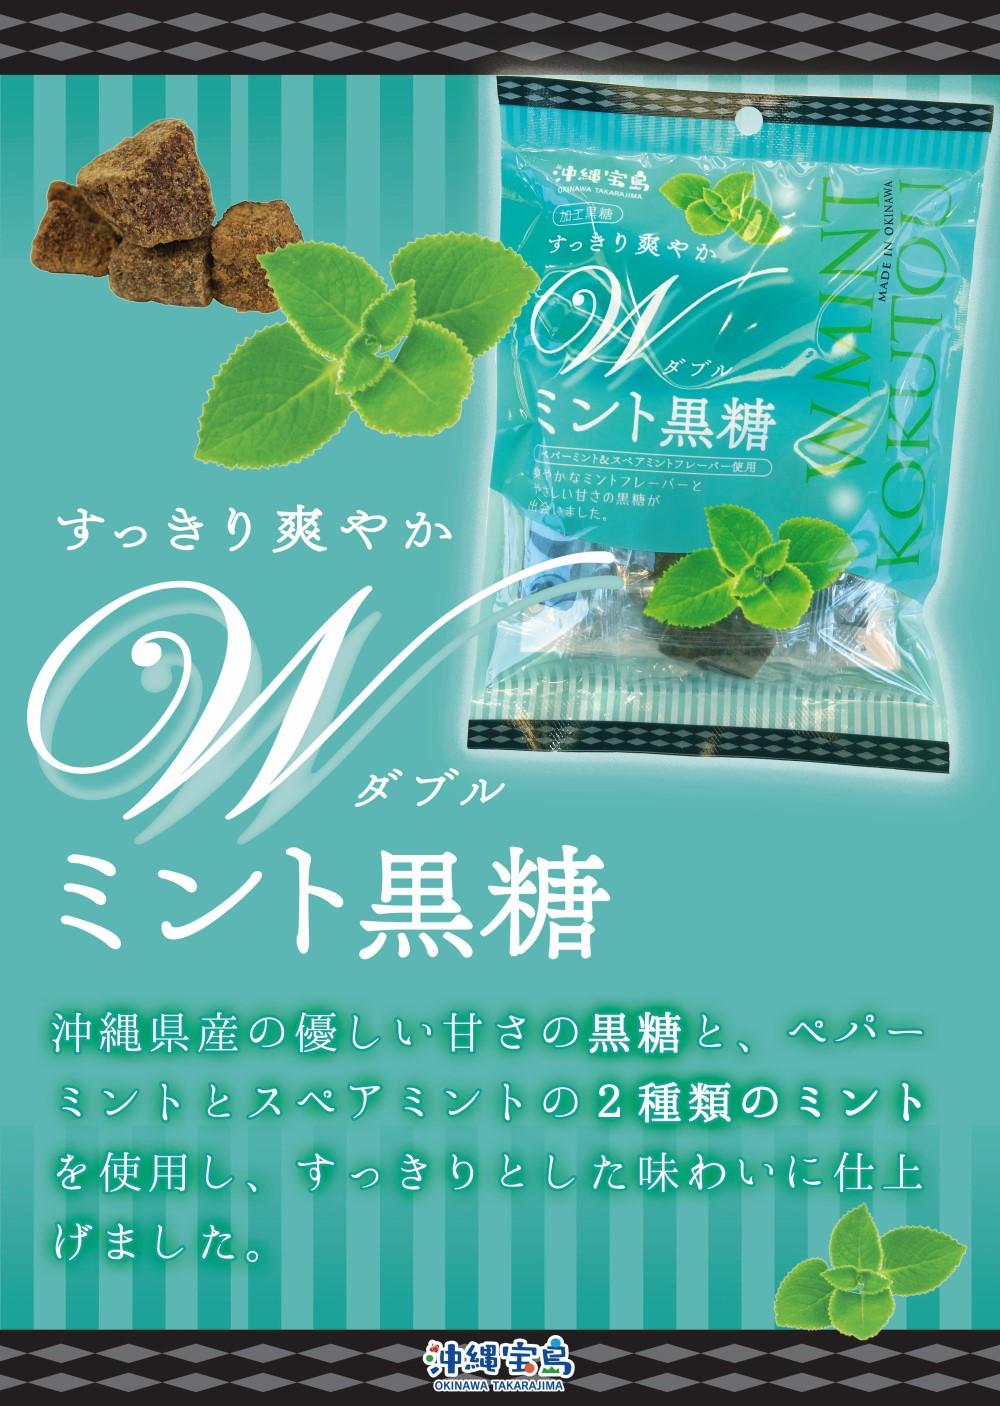 沖縄宝島 「すっきり爽やかWミント黒糖」 90g 4582112263536